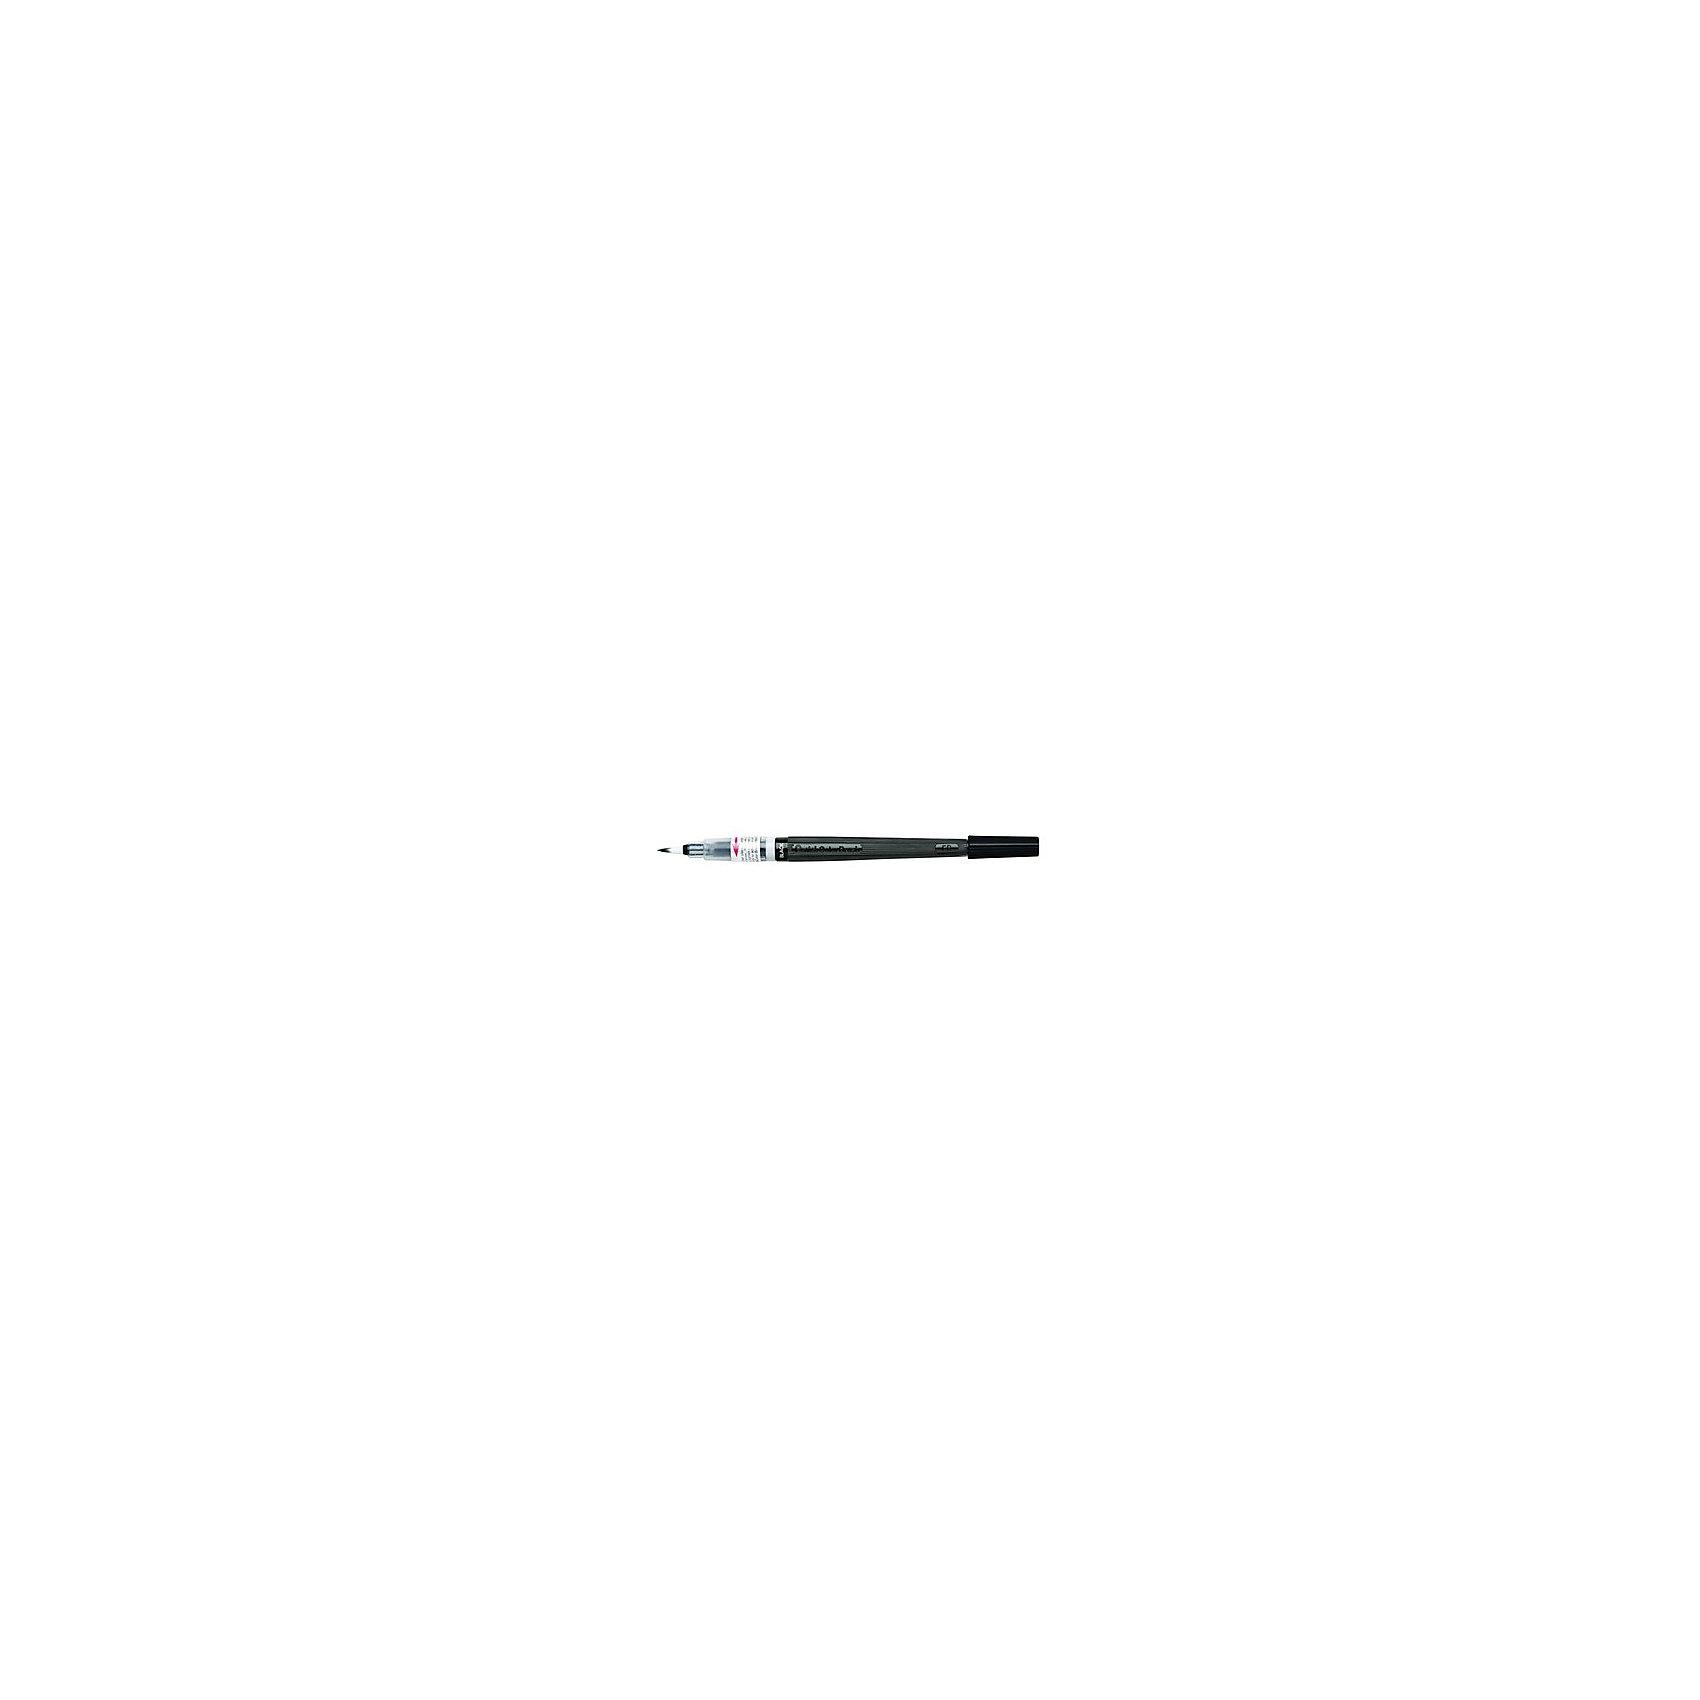 Кисть с краской Colour Brush в блистере,черный цвет PentelКраски и кисточки<br>Характеристики:<br><br>• возраст: от 6 лет<br>• цвет краски: черный<br>• объем резервуара с краской: 5 мл.<br>• длина кисти: 18 см.<br>• длина письма: 150 м.<br>• материал кисти: нейлон<br>• материал корпуса: пластик<br>• упаковка: блистер<br><br>Кисть «Color Brush» - это современный инструмент для рисования в технике акварели. Кисть уже полностью готова к использованию и вам не понадобится дополнительных приспособлений. Снимите колпачок, надавите на корпус и начинайте творить.<br><br>Уникальная система подачи чернил на кисть по спирали делает кисть еще и экономичной моделью. Кисть изготовлена из высококачественного нейлона, что позволяет рисовать как очень тонкие линии от 1 мм, так и создавать широкие мазки до 10 мм, что часто необходимо для закрашивания больших поверхностей.<br><br>Краска на водной основе имеет яркий и насыщенный цвет, хорошо ложится на бумагу и быстро сохнет. При добавлении воды цвет становится намного нежнее и появляется мягкость и тонкость переходов цвета. <br><br>Резервуар кисти герметично прилегает к наконечнику, а защитный колпачок позволяет брать кисть с собой куда угодно, положив в сумку или в карман.<br><br>Кисть «Color Brush» является многоразовой - просто поменяйте пустой резервуар на новый сменный картридж.<br><br>Кисть с краской Colour Brush в блистере,черный цвет Pentel (Пентел) можно купить в нашем интернет-магазине.<br><br>Ширина мм: 10<br>Глубина мм: 10<br>Высота мм: 220<br>Вес г: 11<br>Возраст от месяцев: 72<br>Возраст до месяцев: 2147483647<br>Пол: Унисекс<br>Возраст: Детский<br>SKU: 7010459